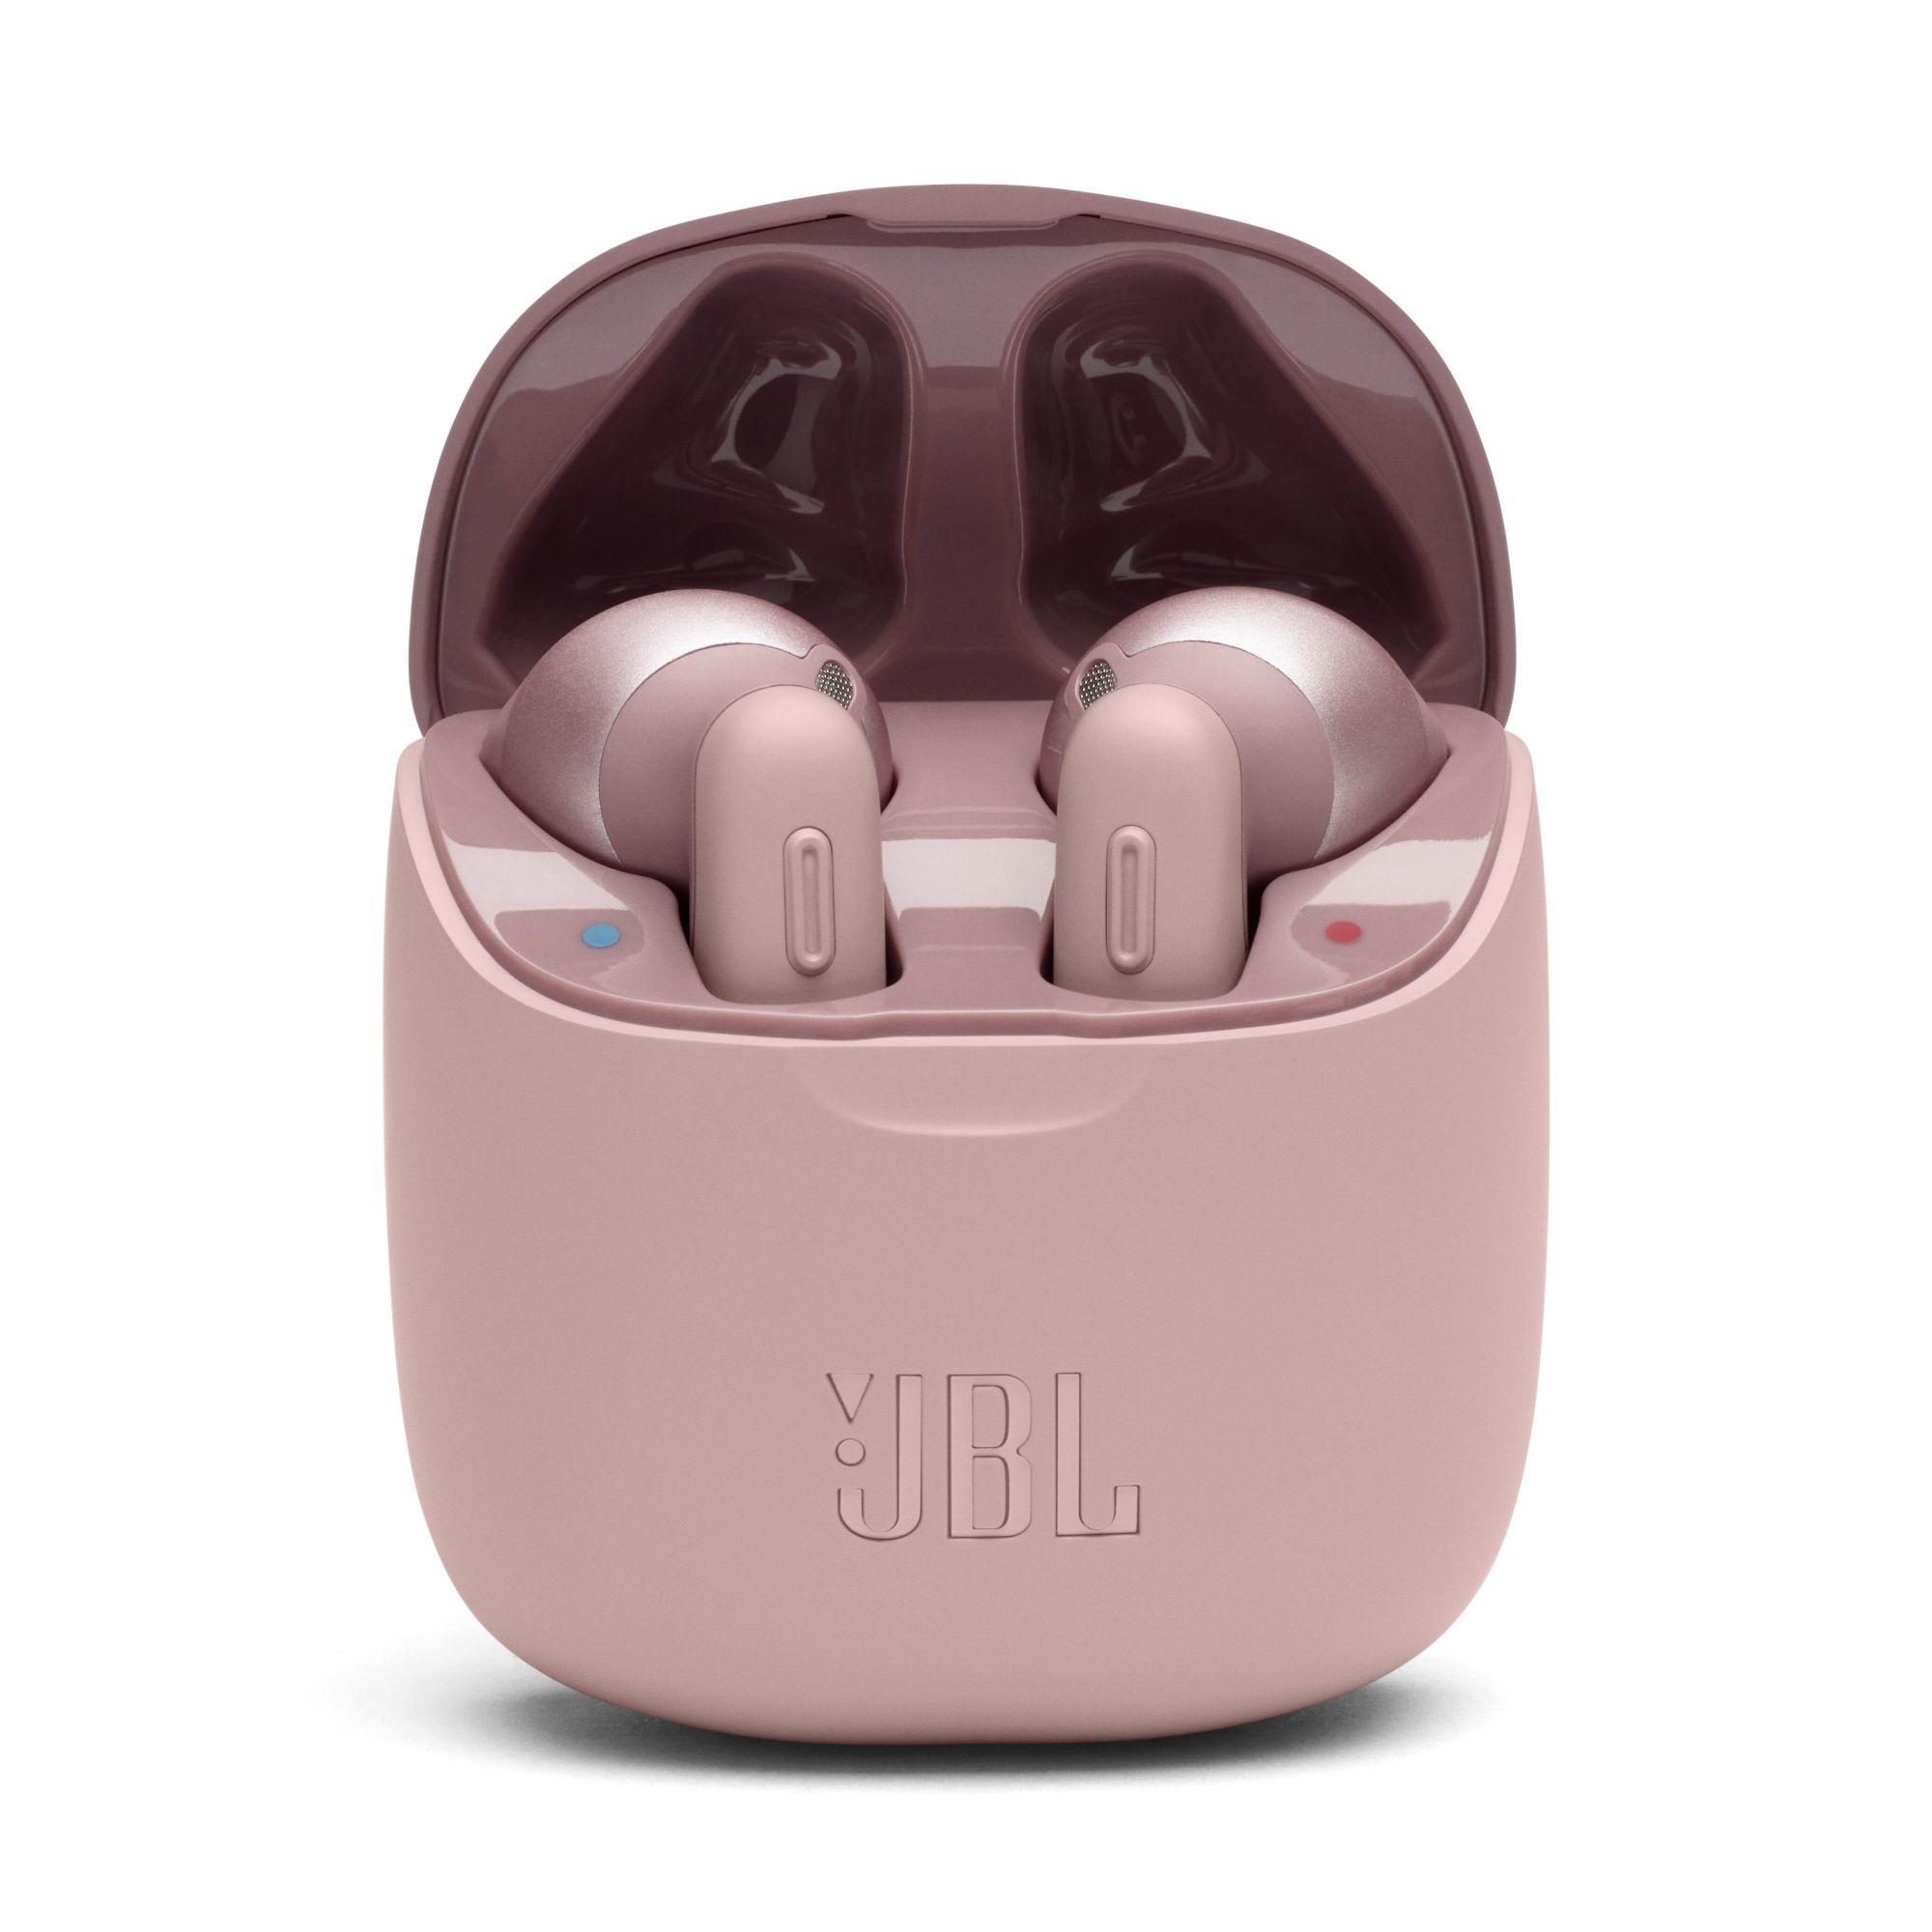 Zamiast AirPodsów: JBL przedstawia kolorową alternatywę dla słuchawek Apple